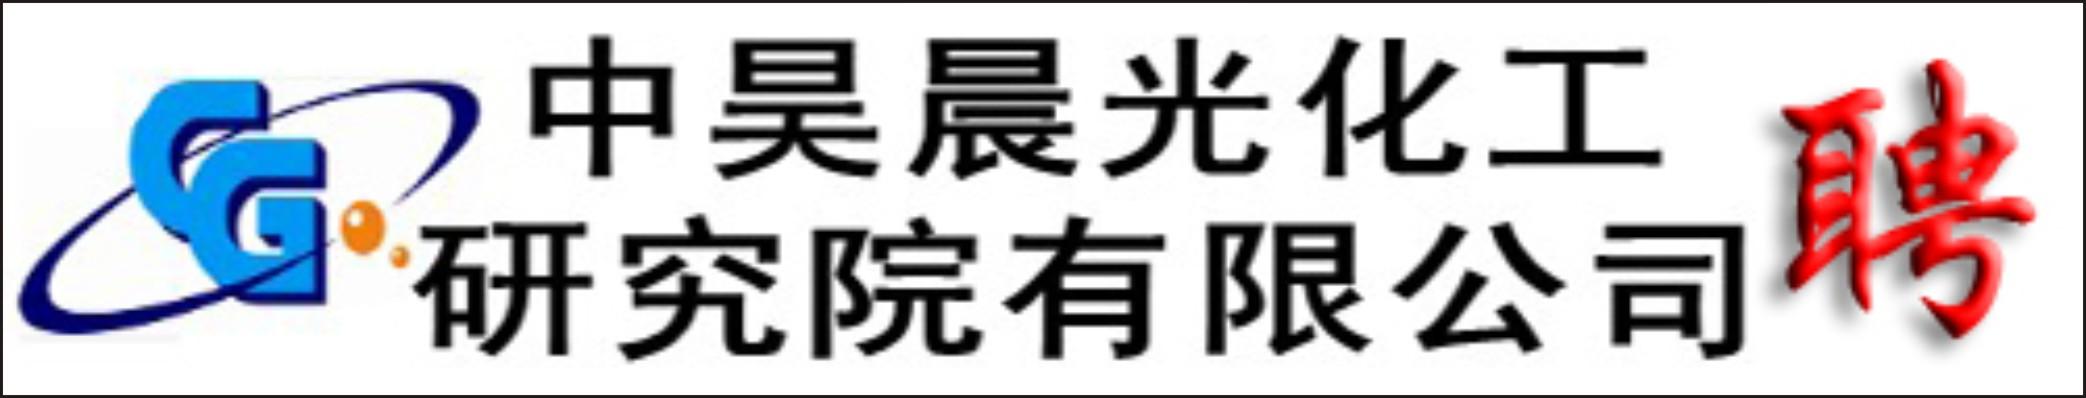 中昊晨光化工研究院有限公司晨�分公司